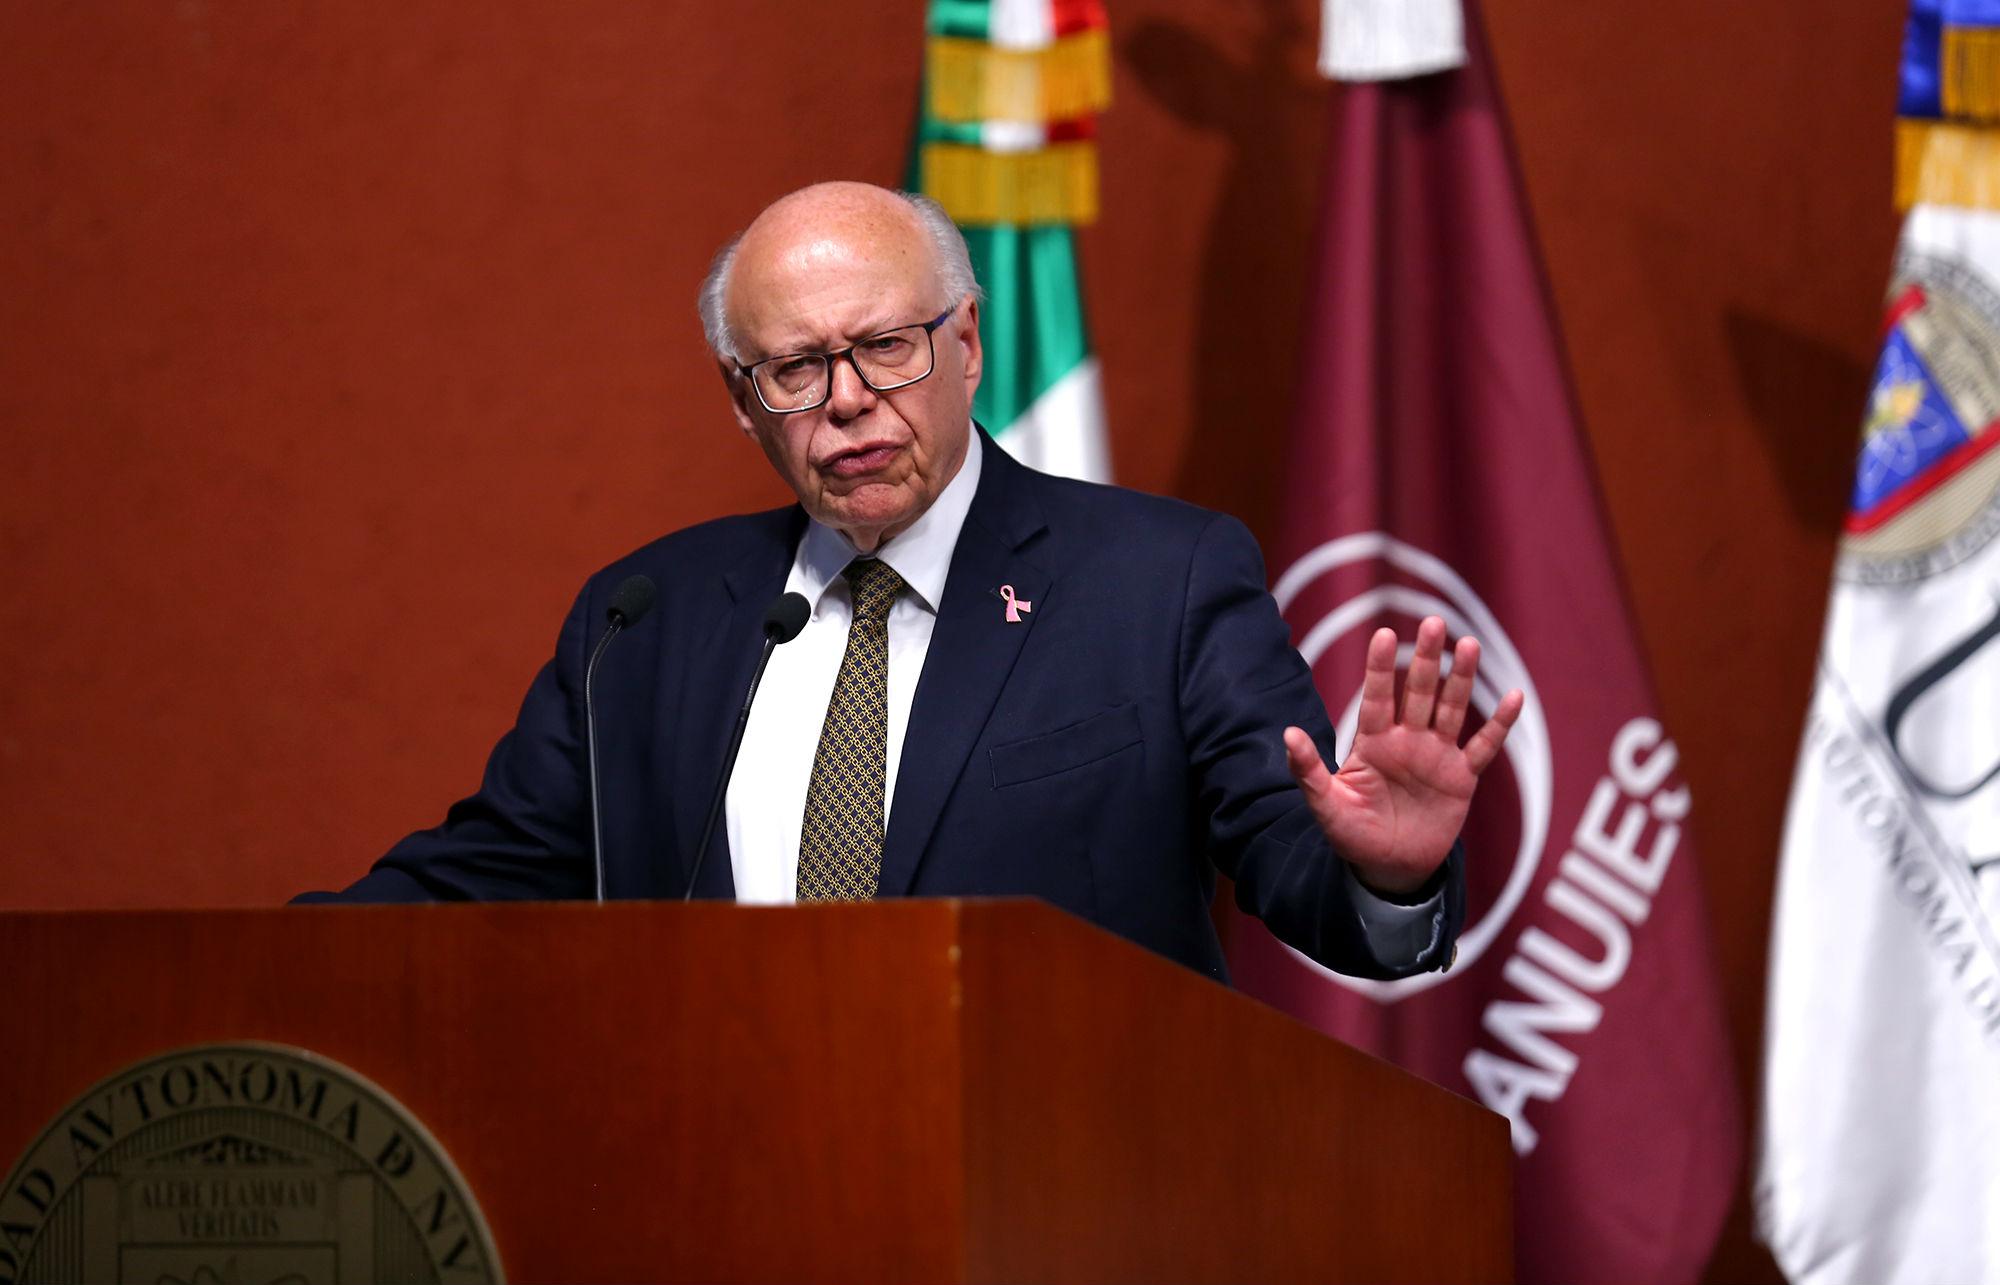 El Secretario de Salud en México, José Narro Robles disertó la conferencia magistral en la apertura de la sesión ordinaria del C